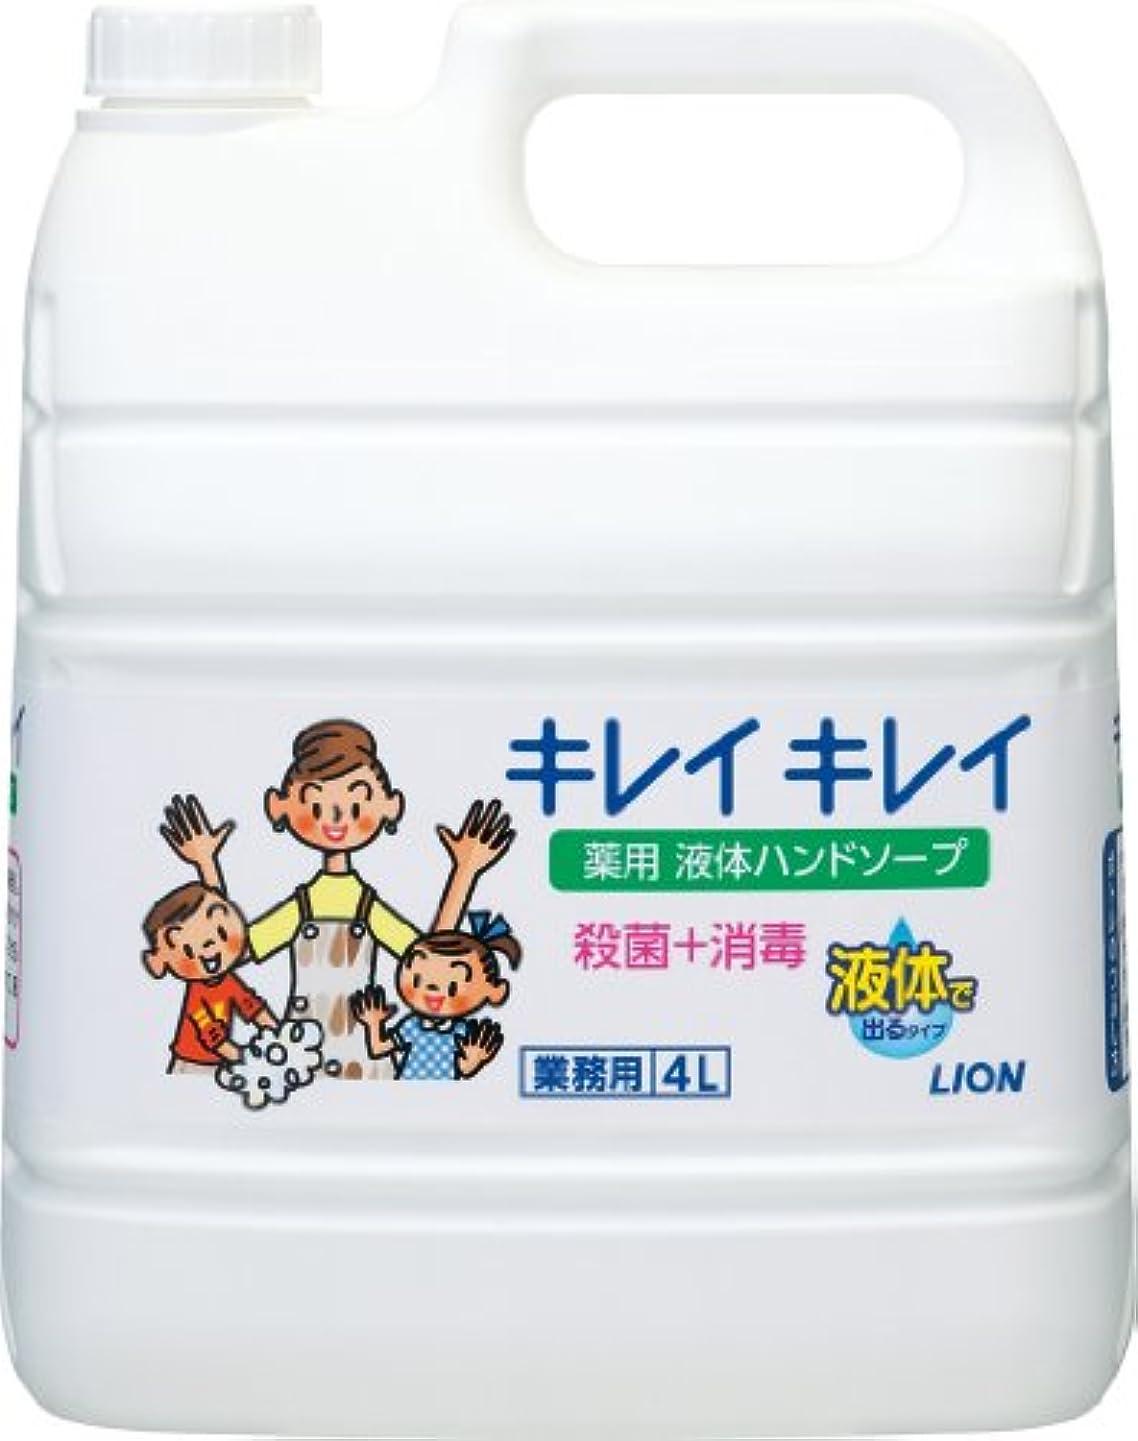 カップ走る動詞【業務用 大容量】キレイキレイ 薬用 ハンドソープ  4L(医薬部外品)